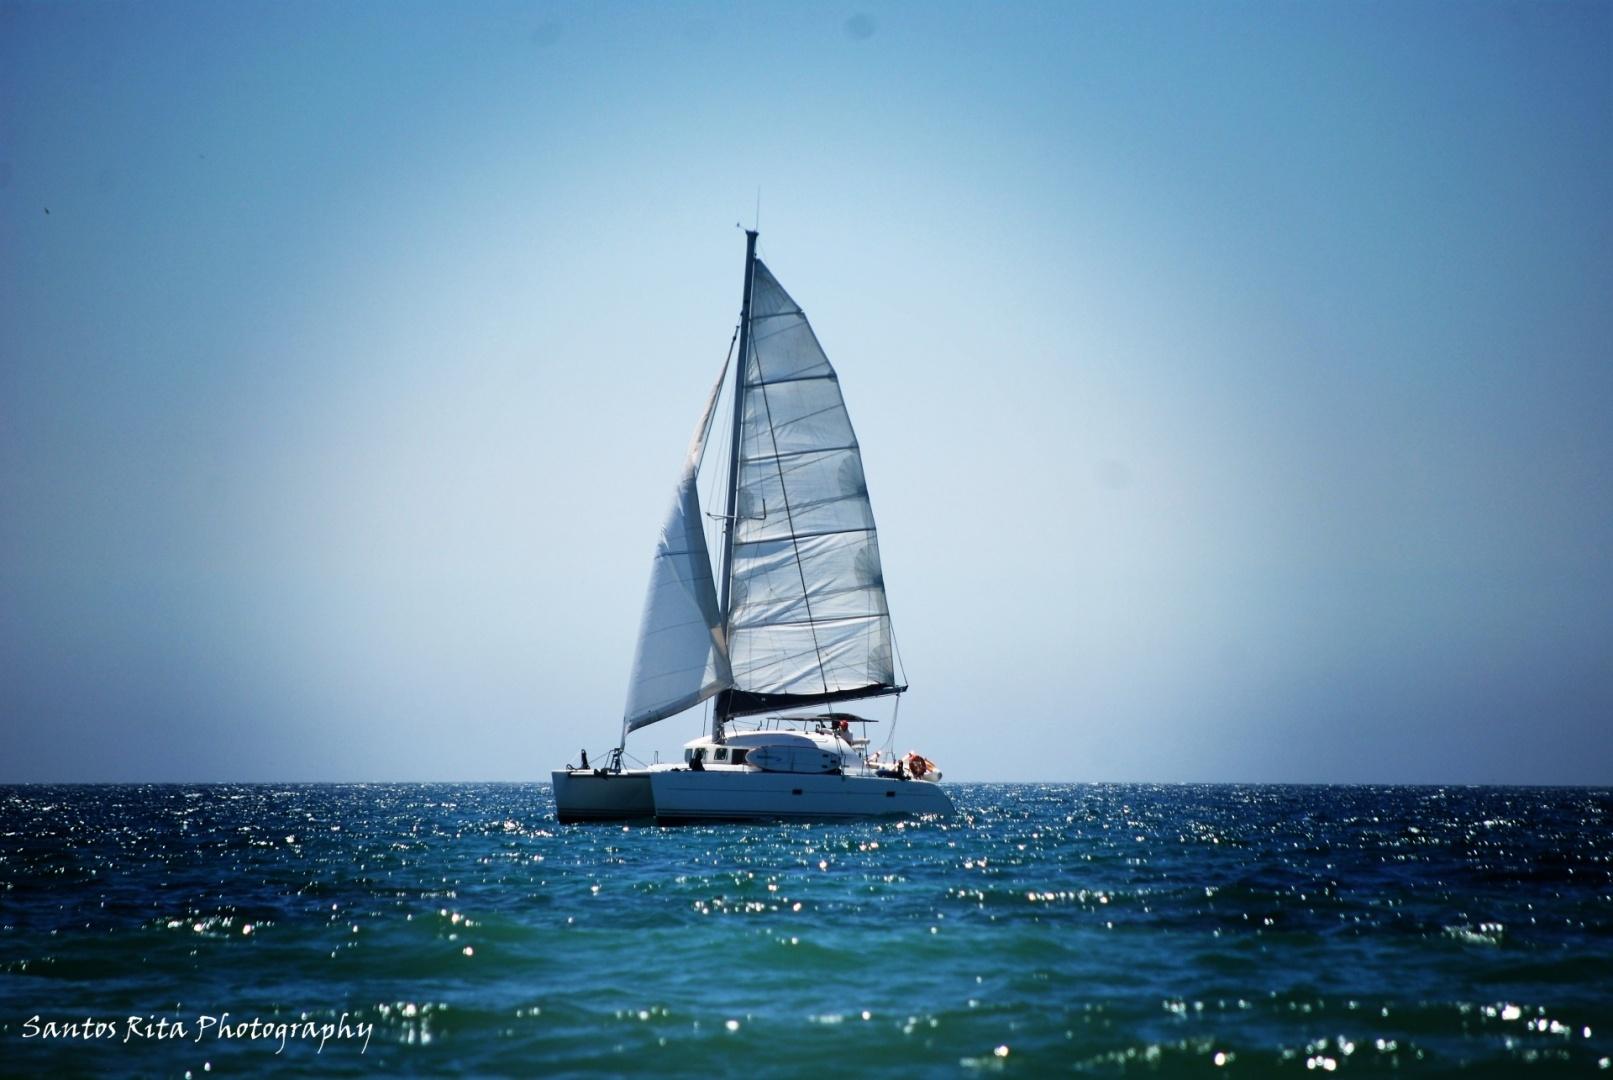 Desporto e Ação/Barco à vela